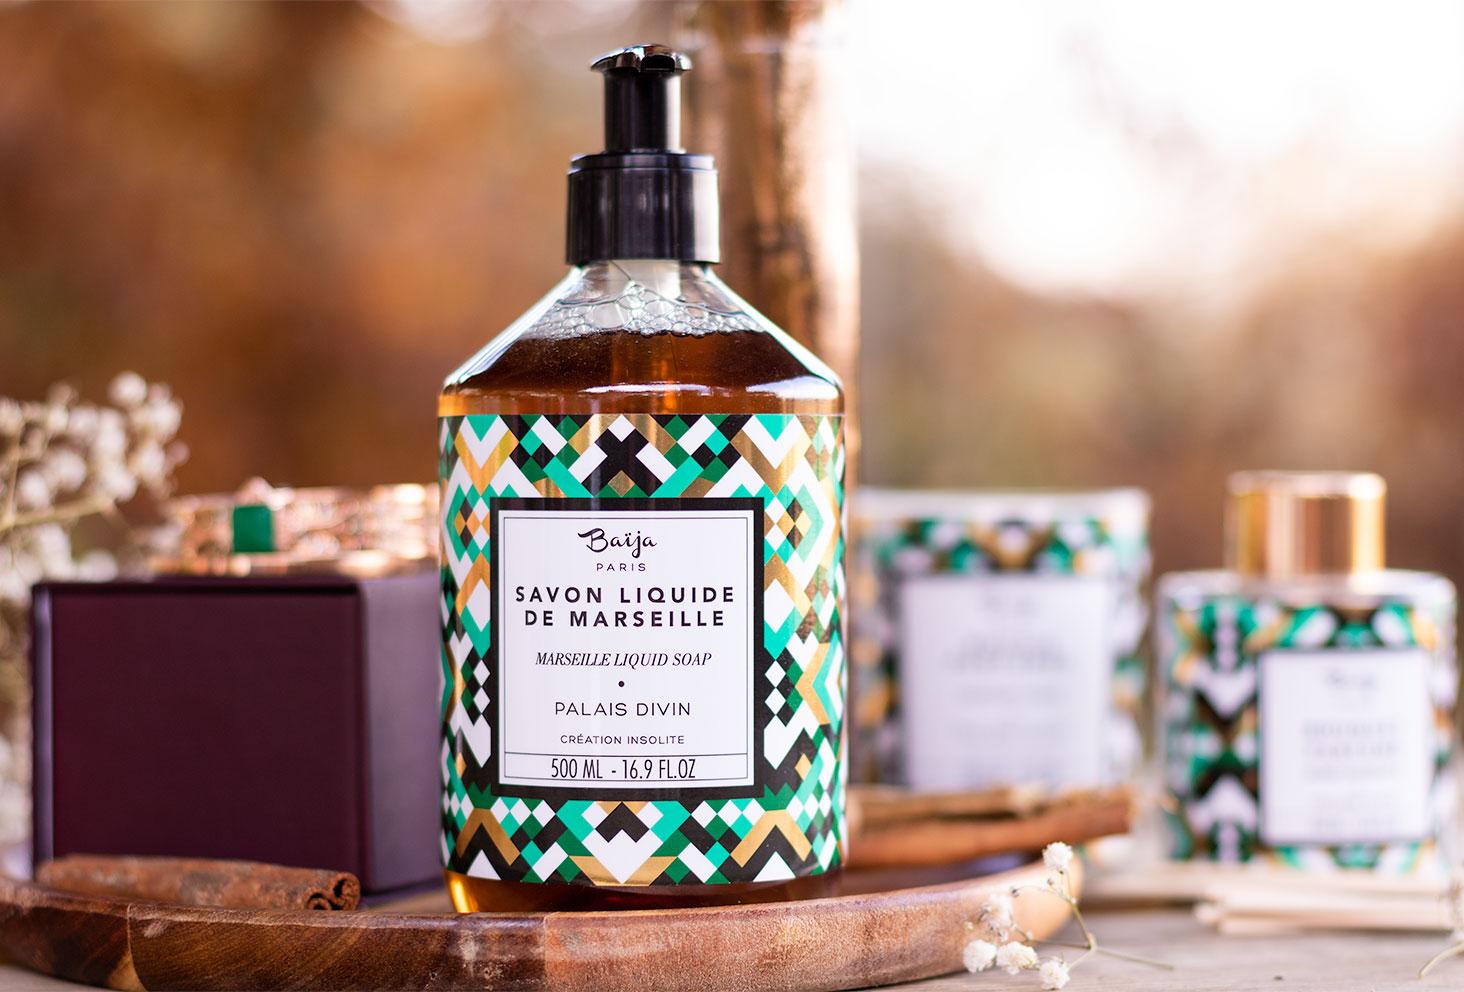 Le savon liquide de Marseille de la gamme Palais Divin de Baïja posé sur une planche en bois au milieu de bijoux et de fleurs séchées blanches